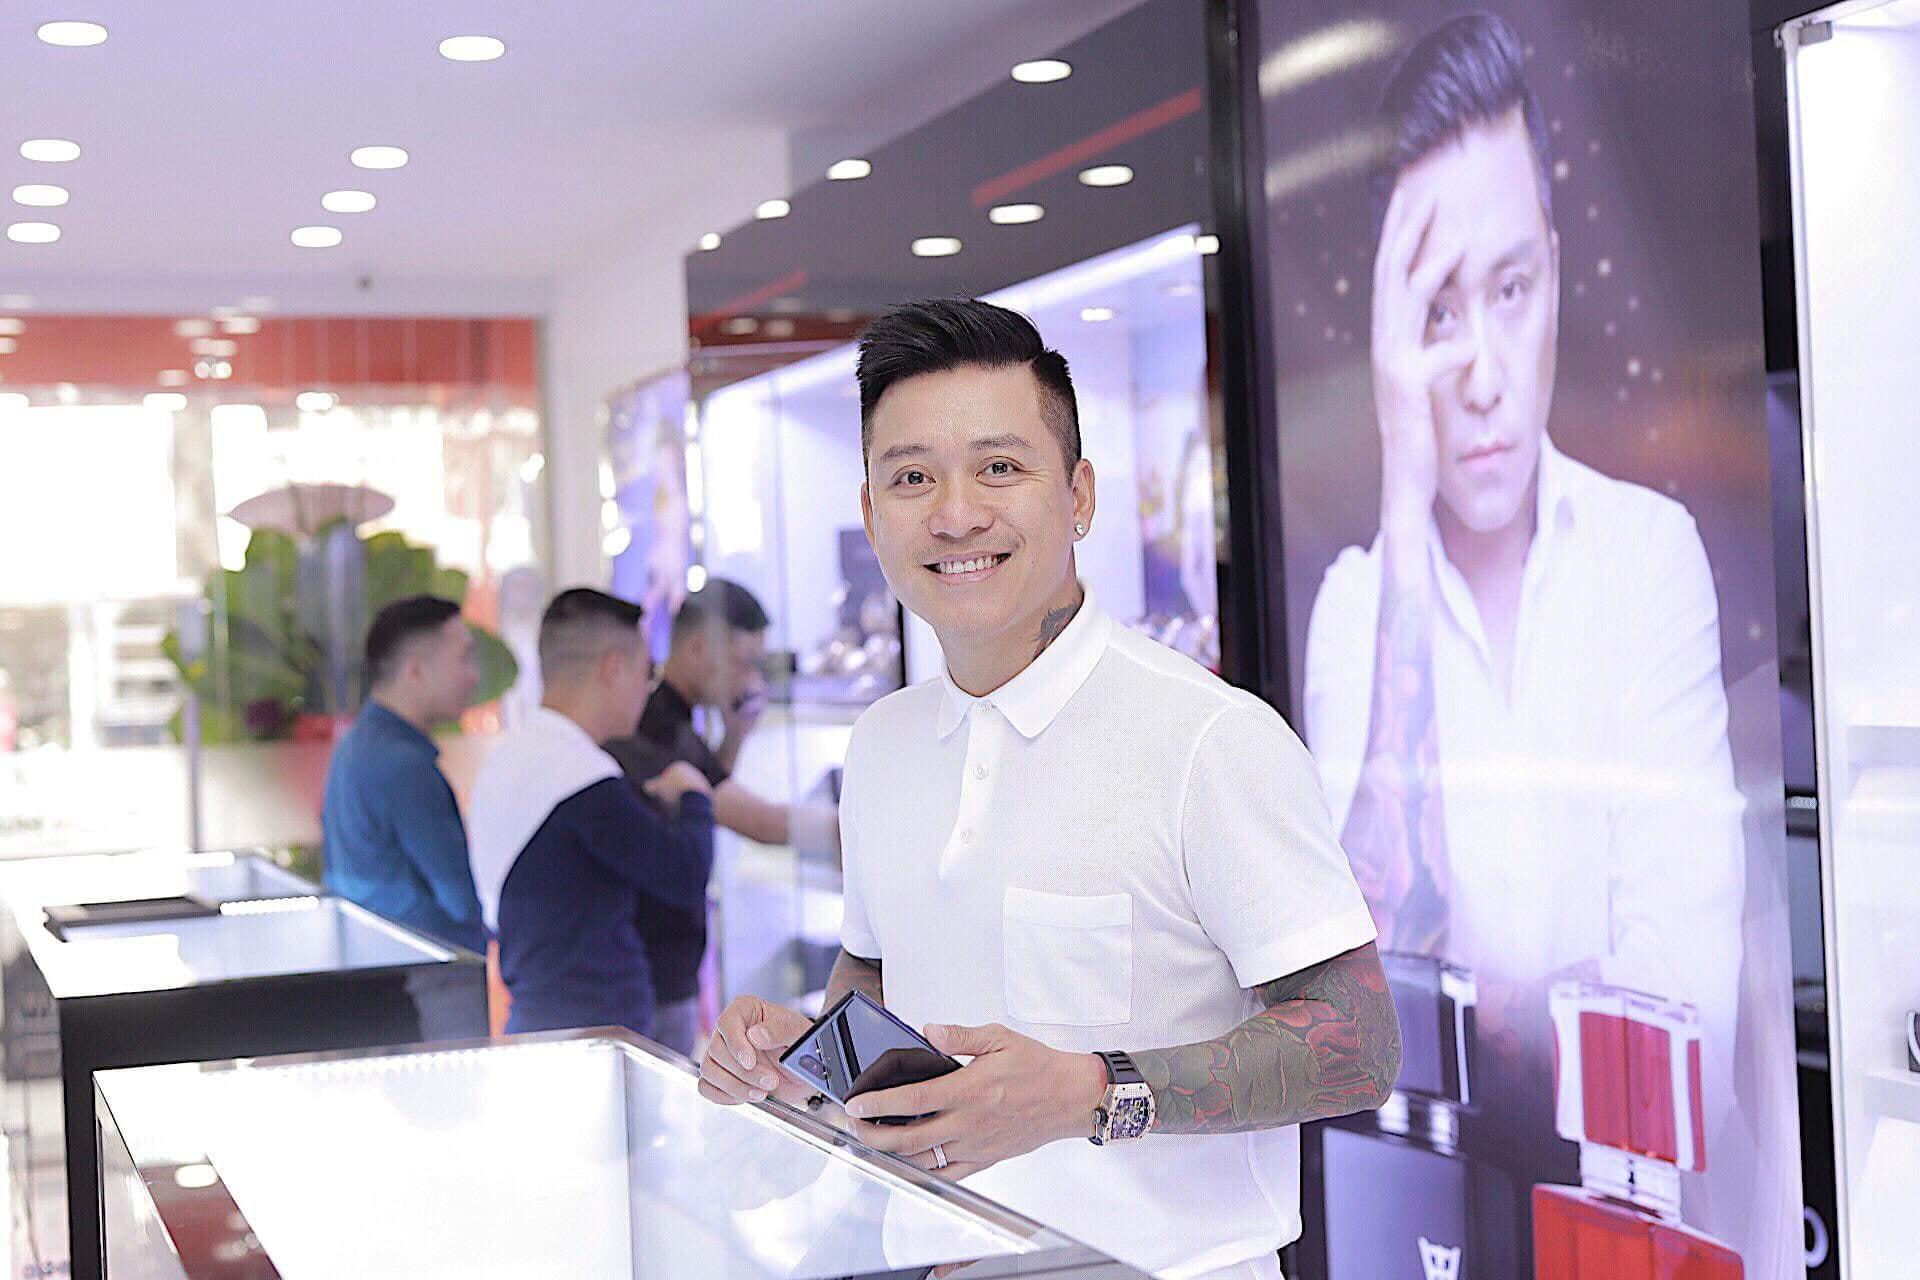 Tuấn Hưng lên chức ông chủ, mở cửa hàng chục tỷ đồng tại TP.HCM 1